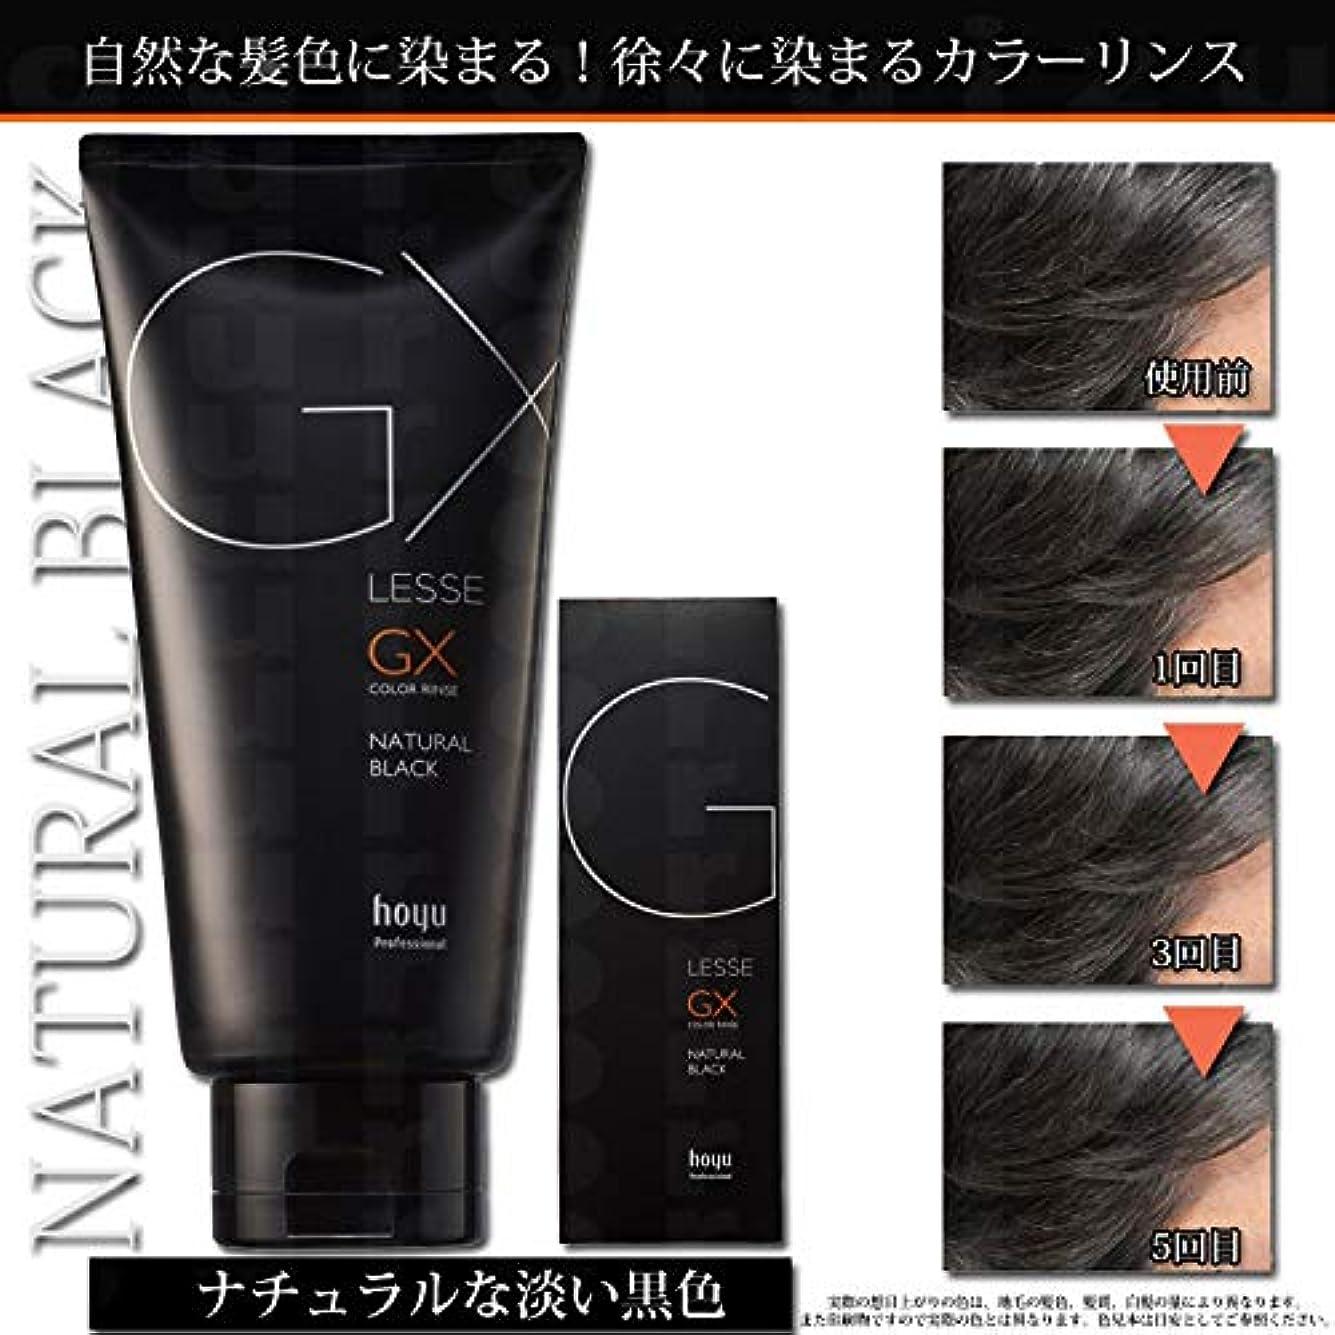 ホーユー レセ GX カラーリンス メンズ 白髪染め ナチュラルブラック 160